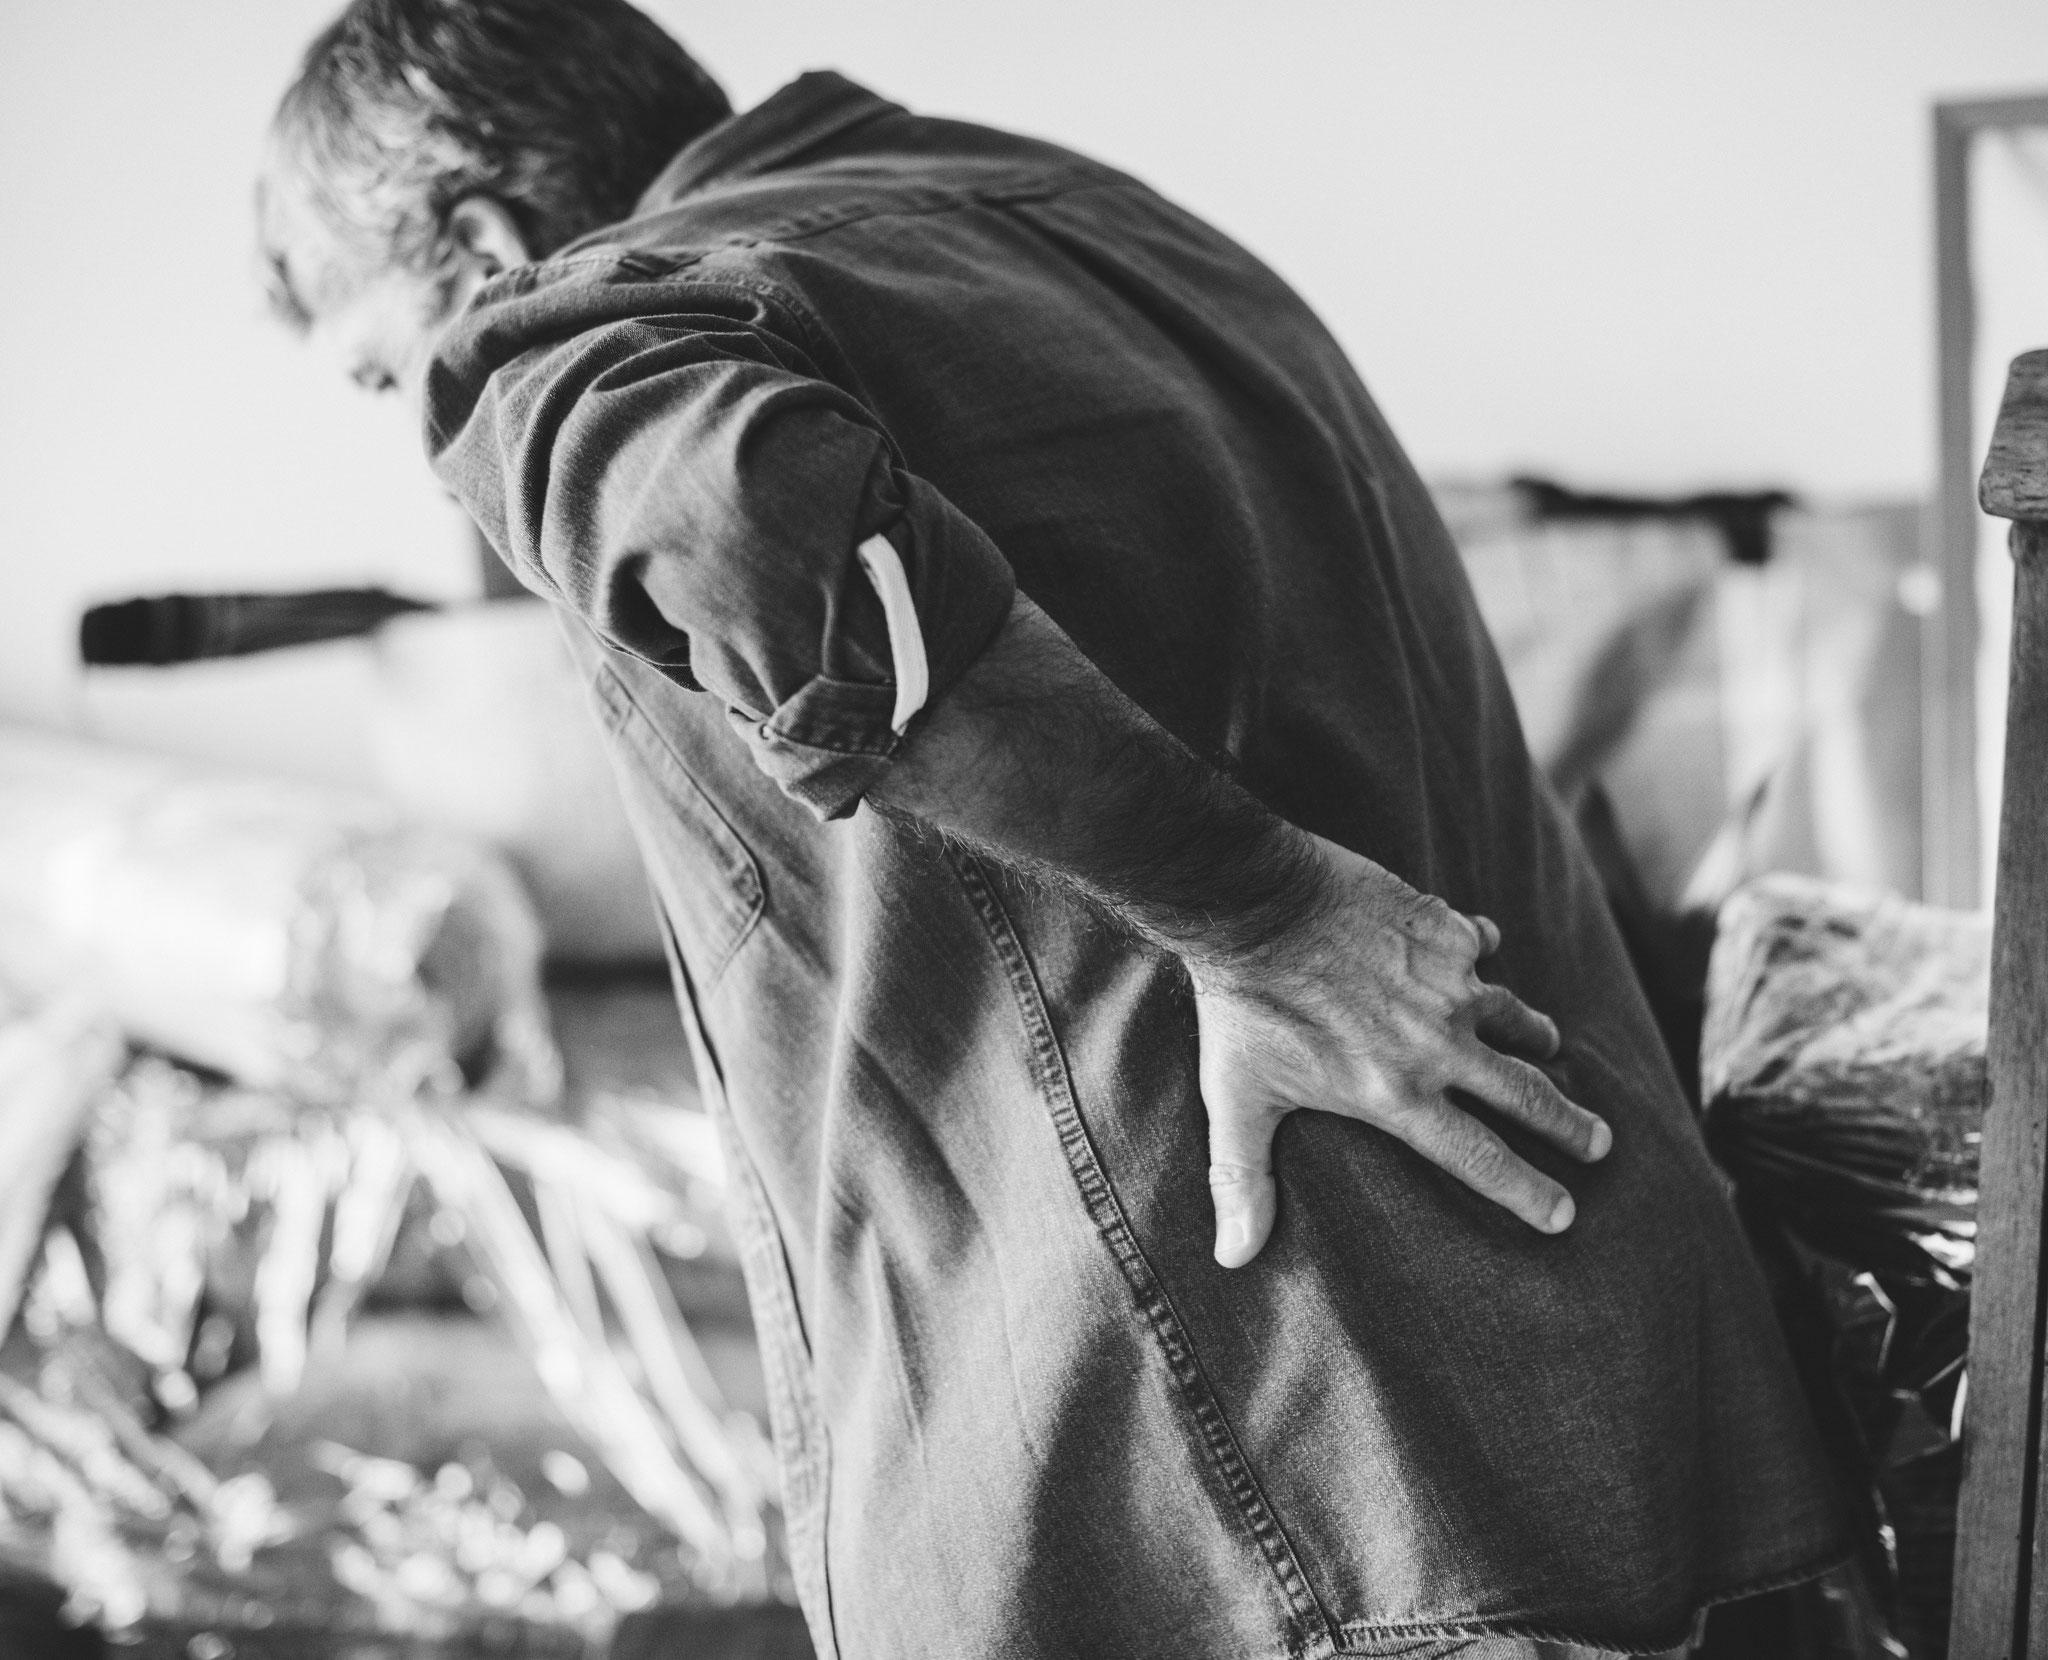 Dans les années 1960, le Dr GOODHEART (chiropracteur) montre que les muscles tendus ou contracturés, à l'origine des douleurs, doivent leur état à la faiblesse des muscles antagonistes. La solution est donc de renforcer le muscle affaibli à l'aide du test